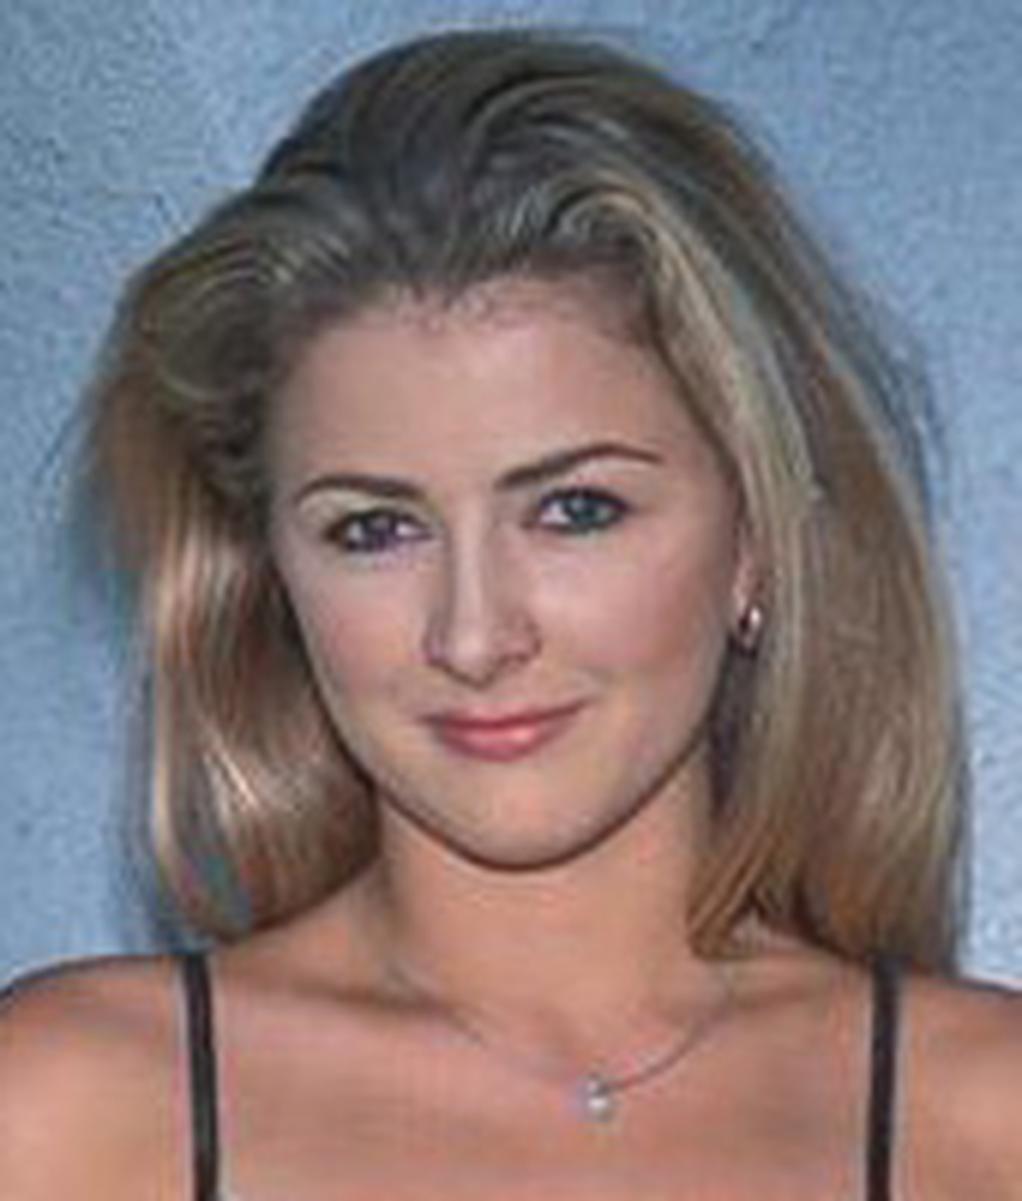 Anna Belle Wiki & Bio - Pornographic Actress